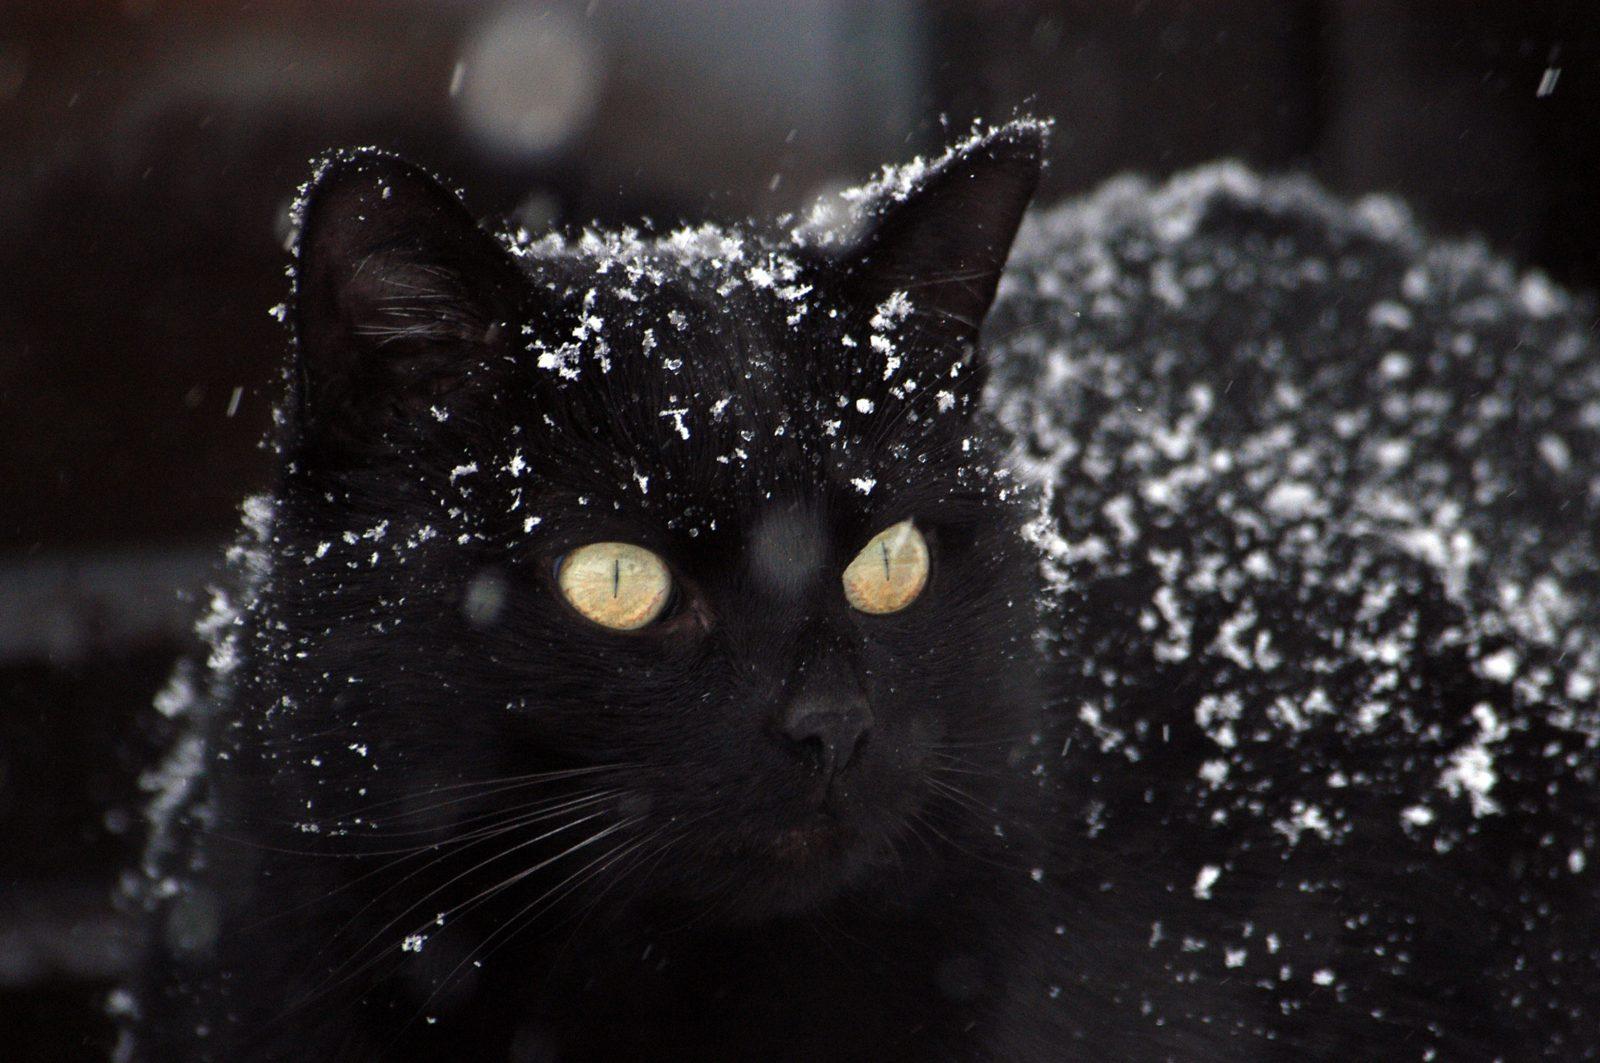 Você pode ajudar a aumentar quantos anos vive um gato